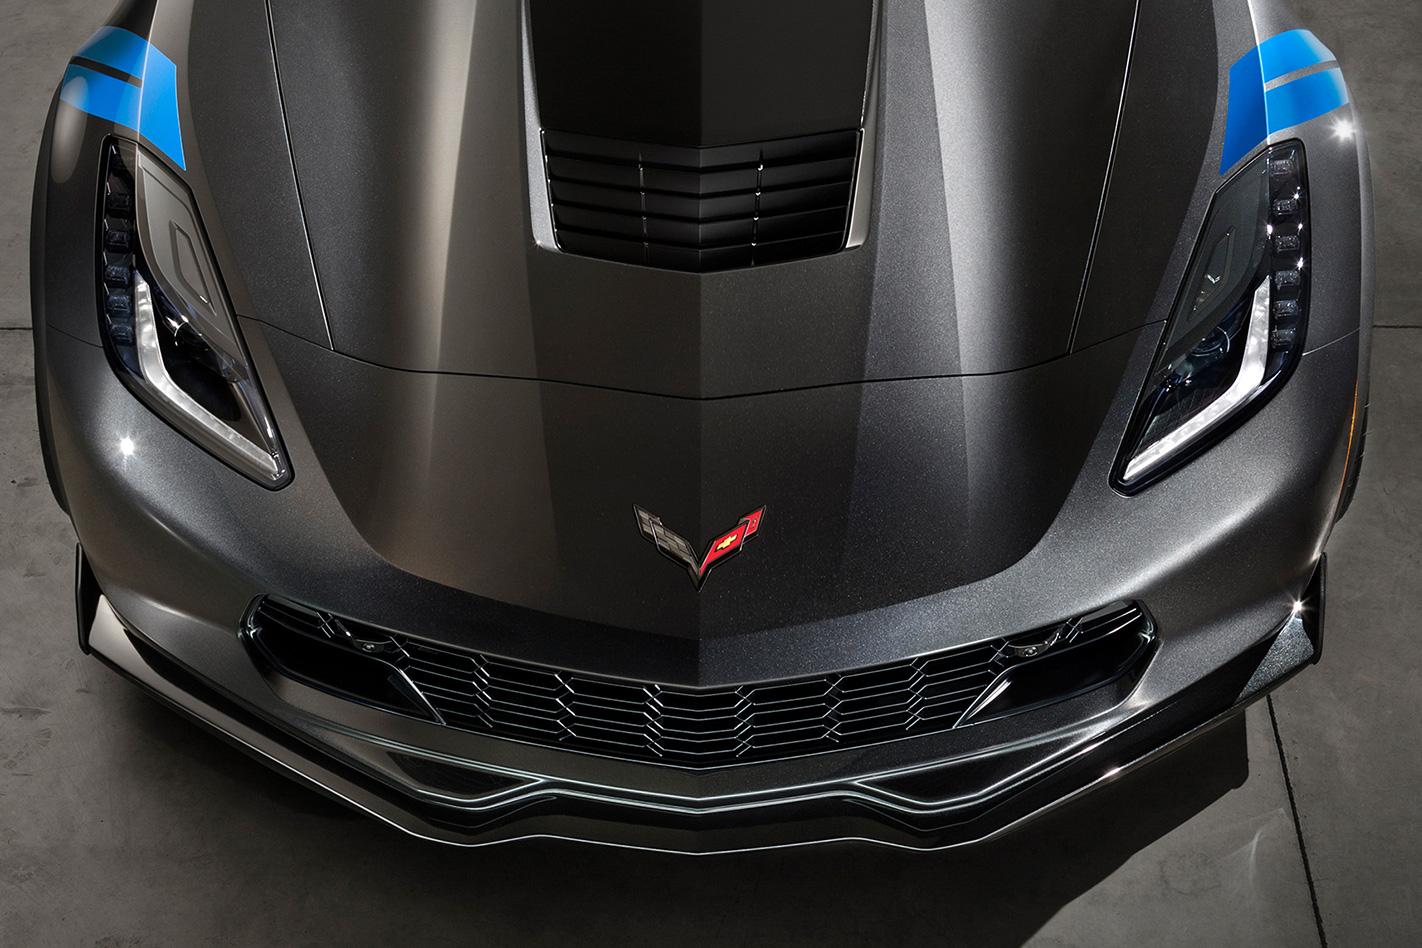 2016-Chevrolet -Corvette -front